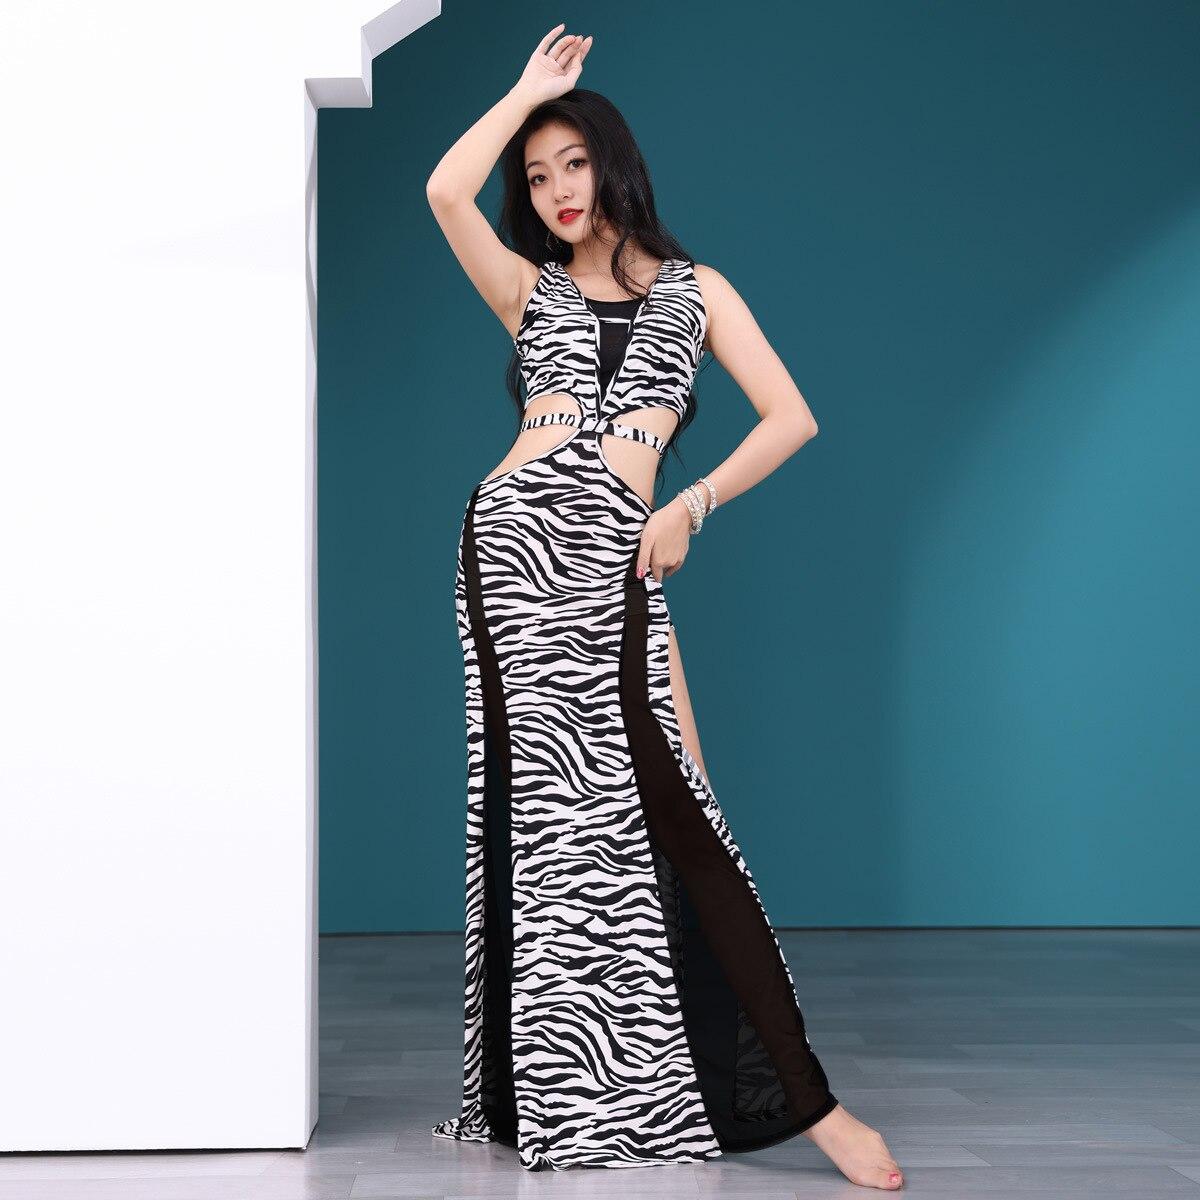 Sexy Women Dancewear Belly Dance Clothes Leopard Outfit One-piece Sundress Girls Practice Costume Bellydance Zebra Long Dress